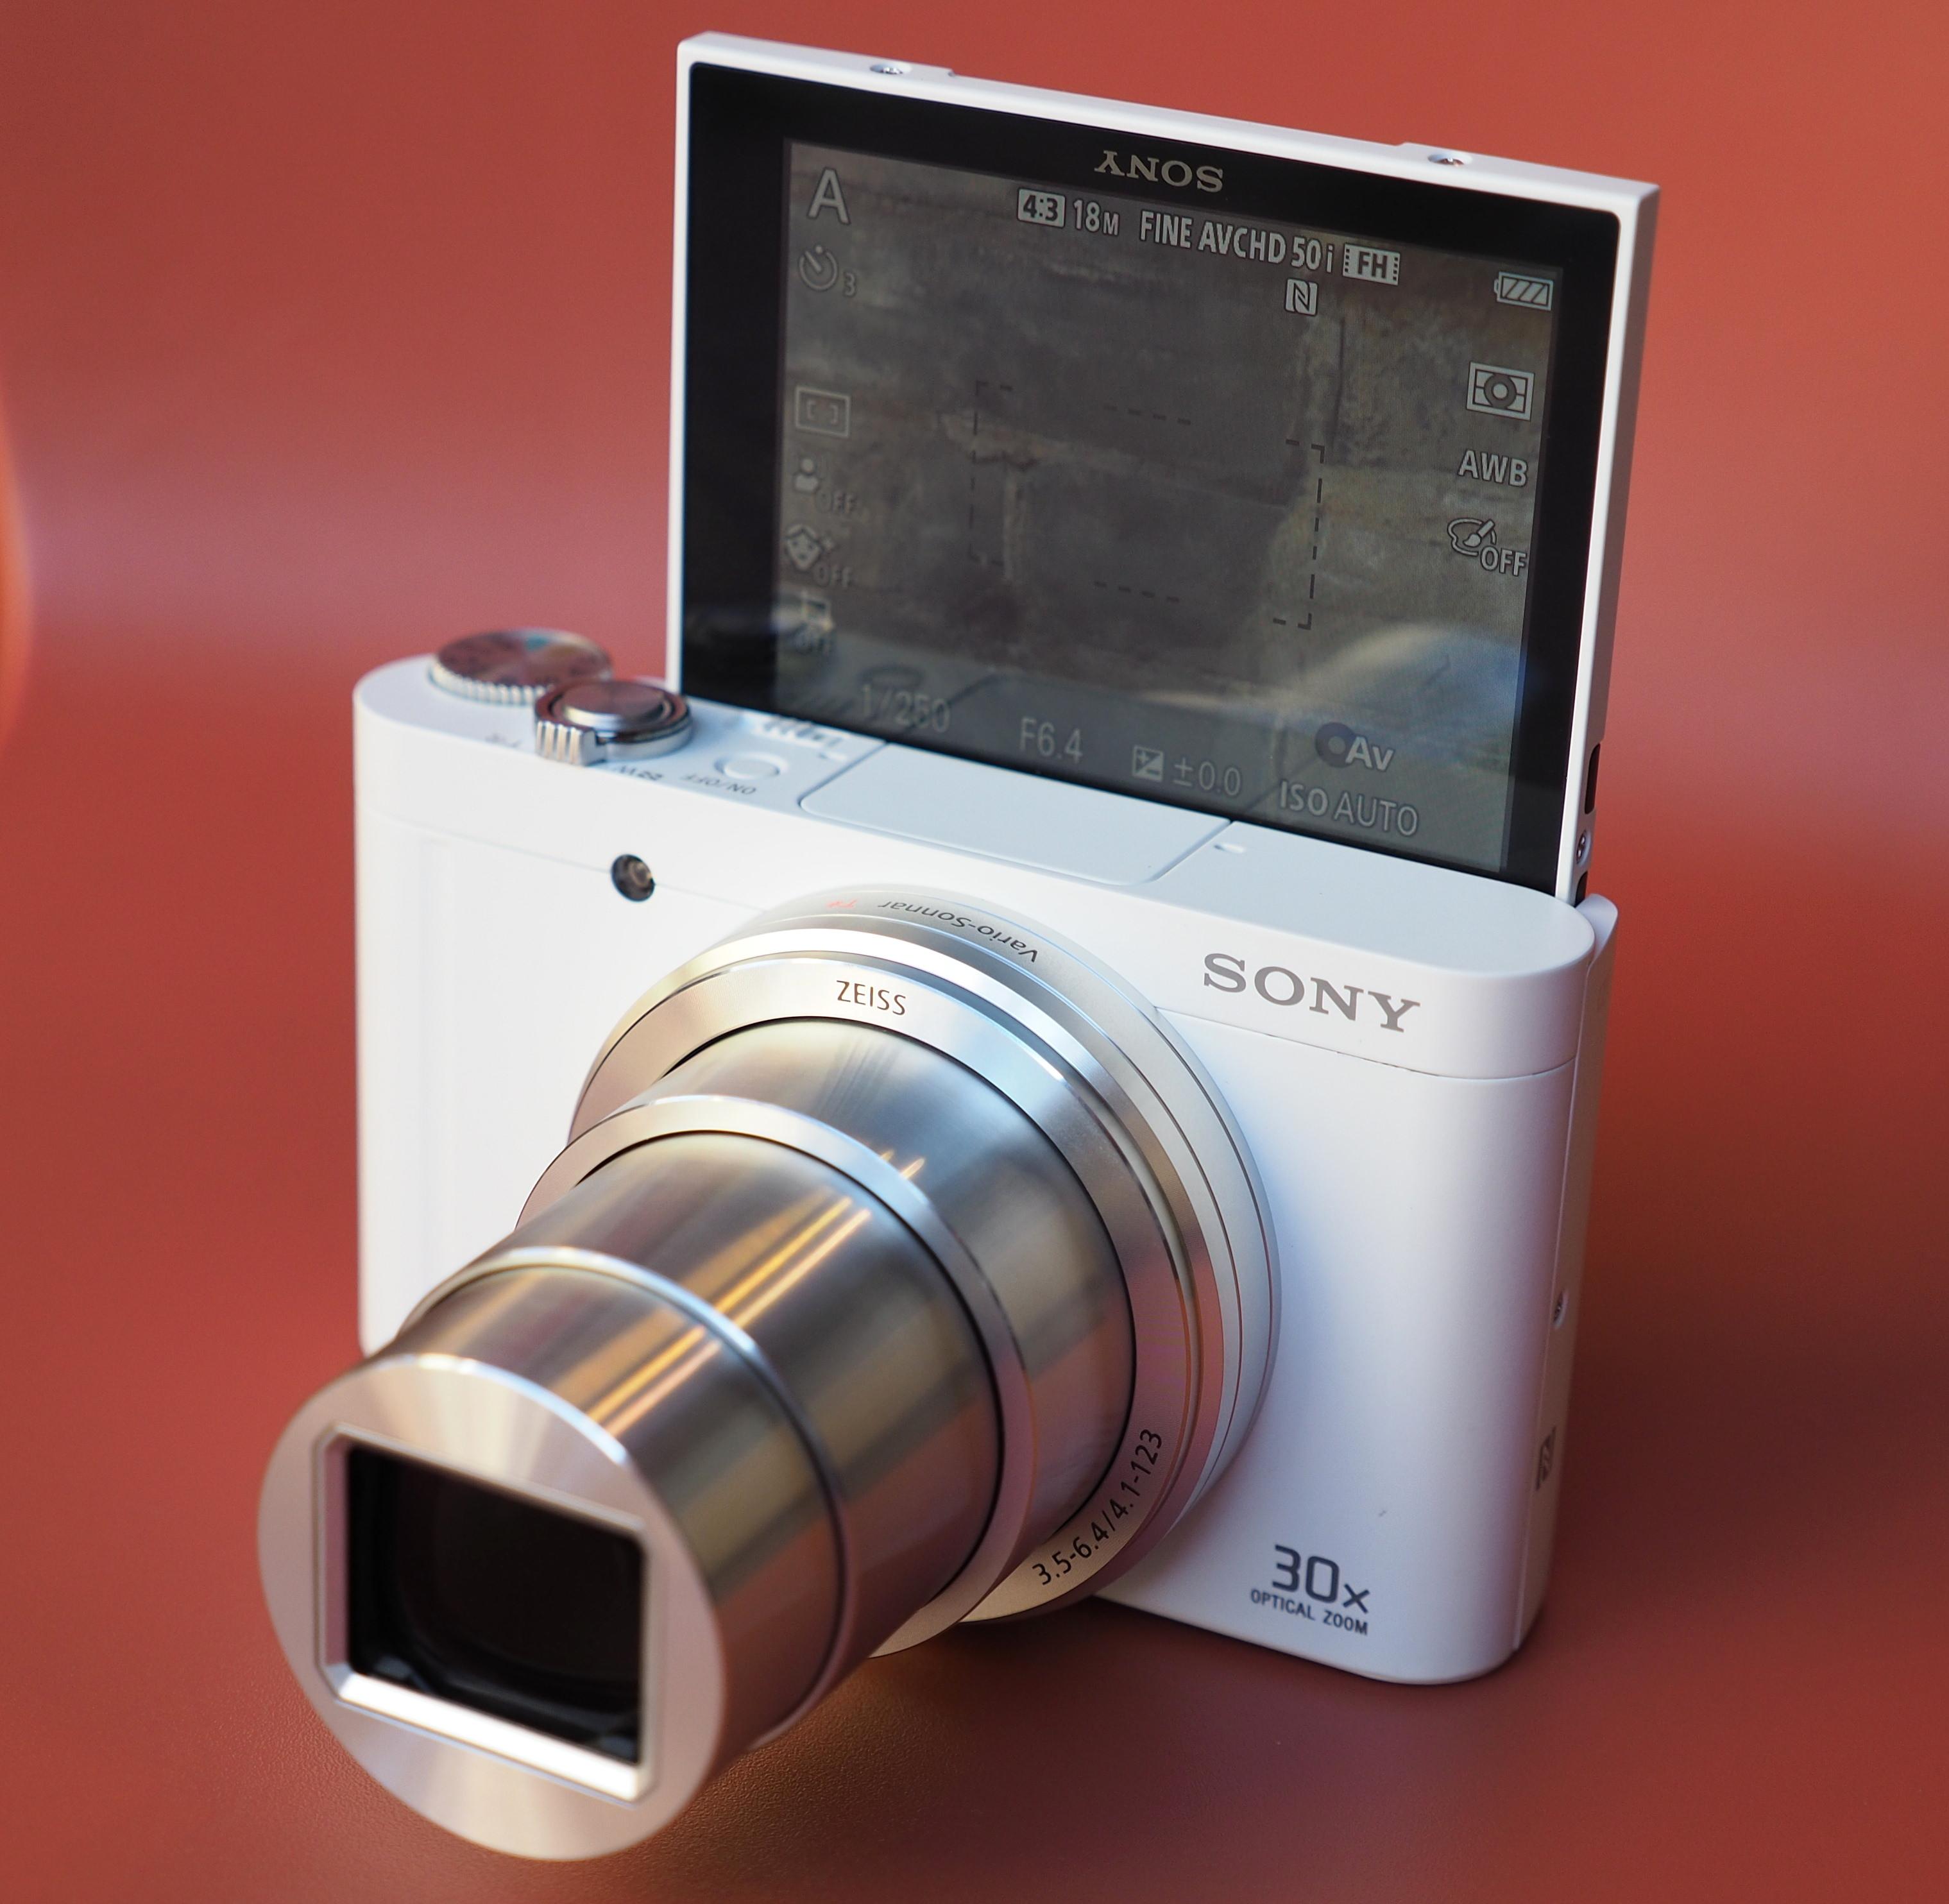 Sony Cyber Shot Dsc Wx500 Review